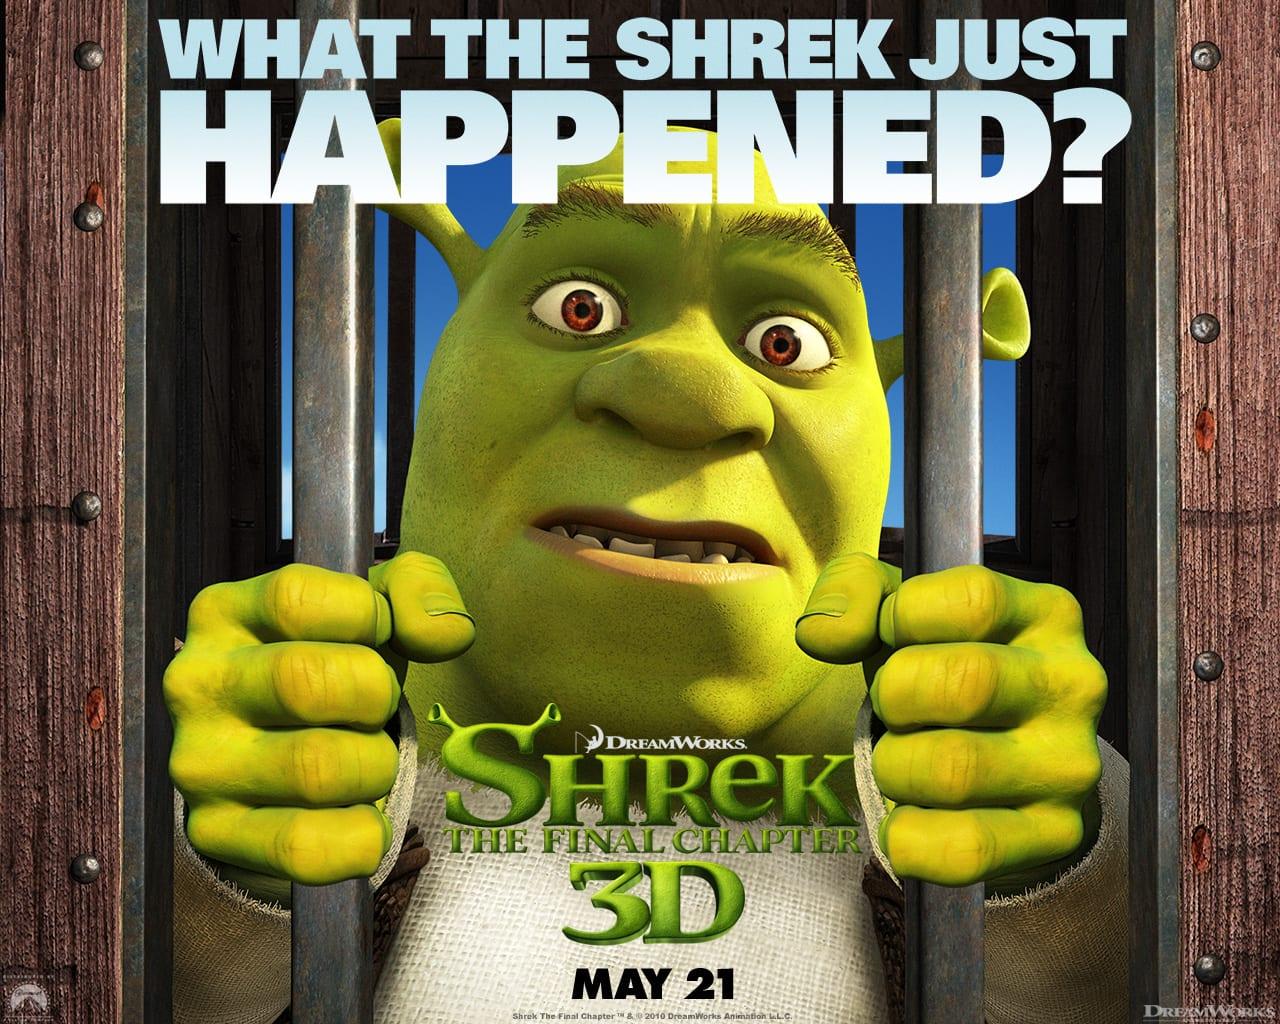 Shrek 4 Wallpaper: Shrek